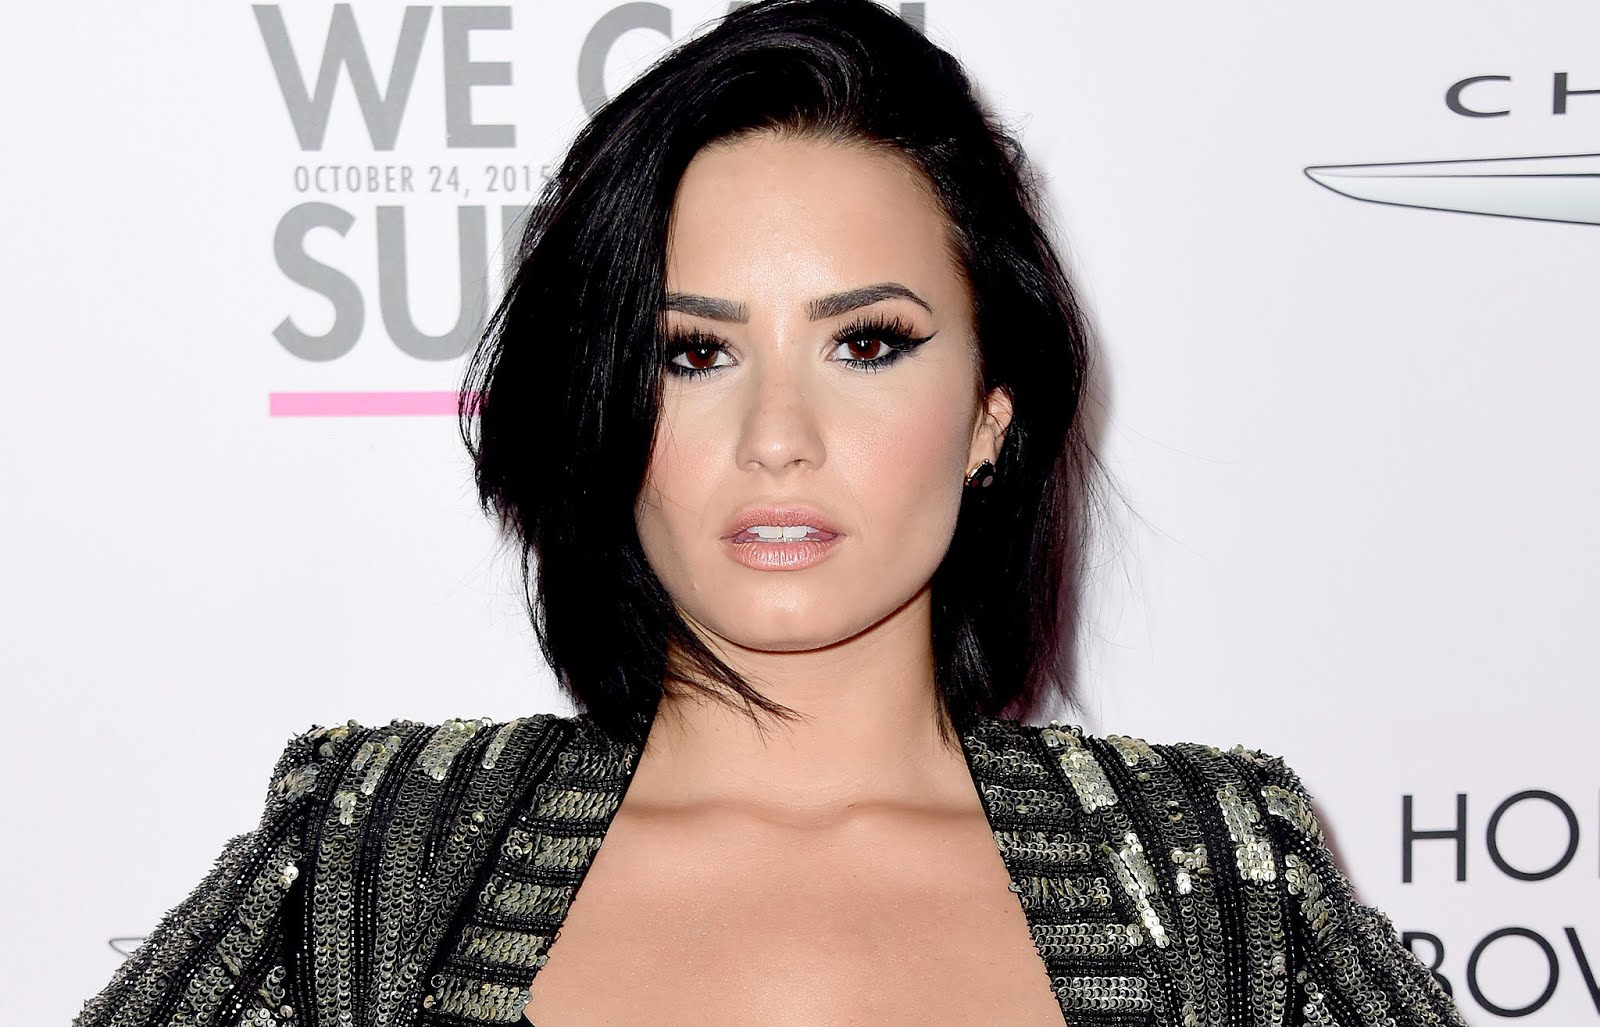 Demi Lovato recibirá un premio por su compromiso con la comunidad LGBT